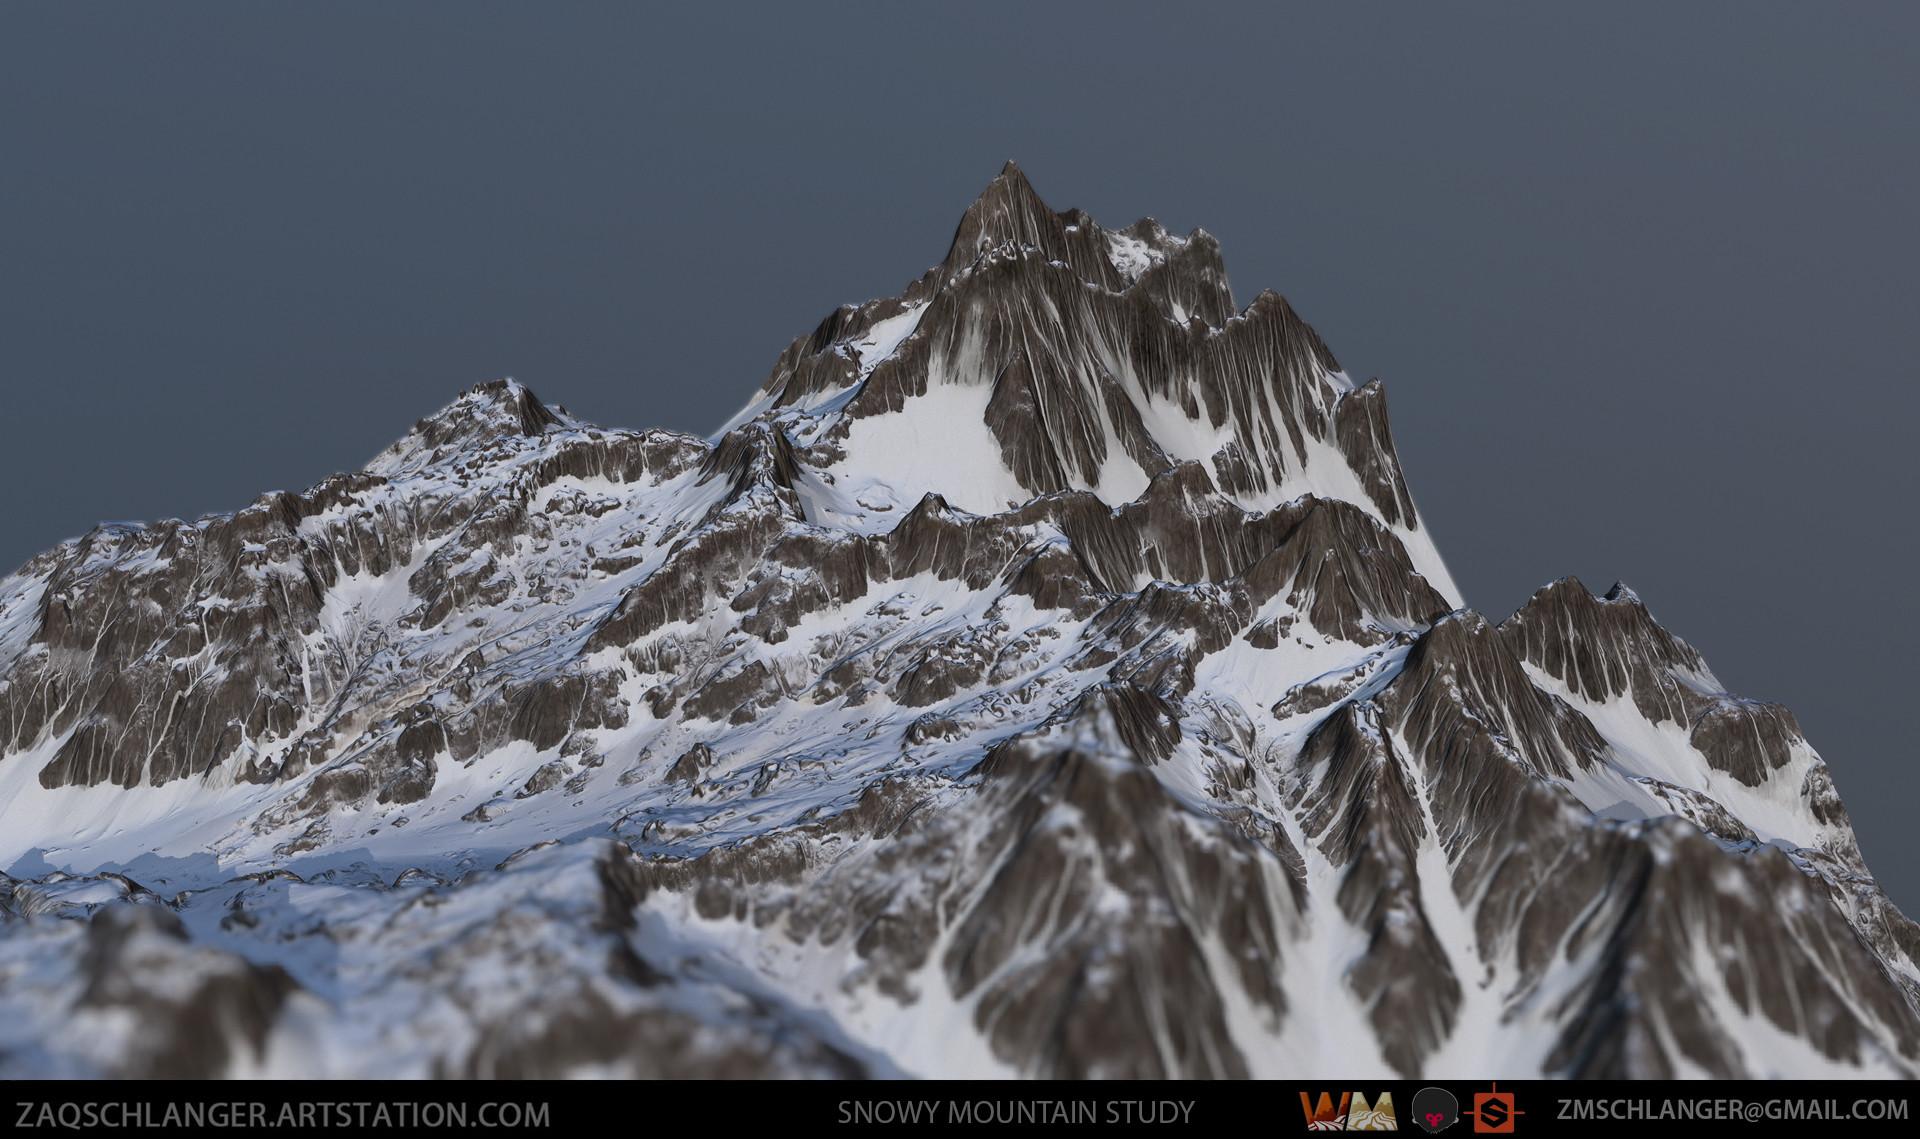 Zachary schlanger zacharyschlanger mountain 01